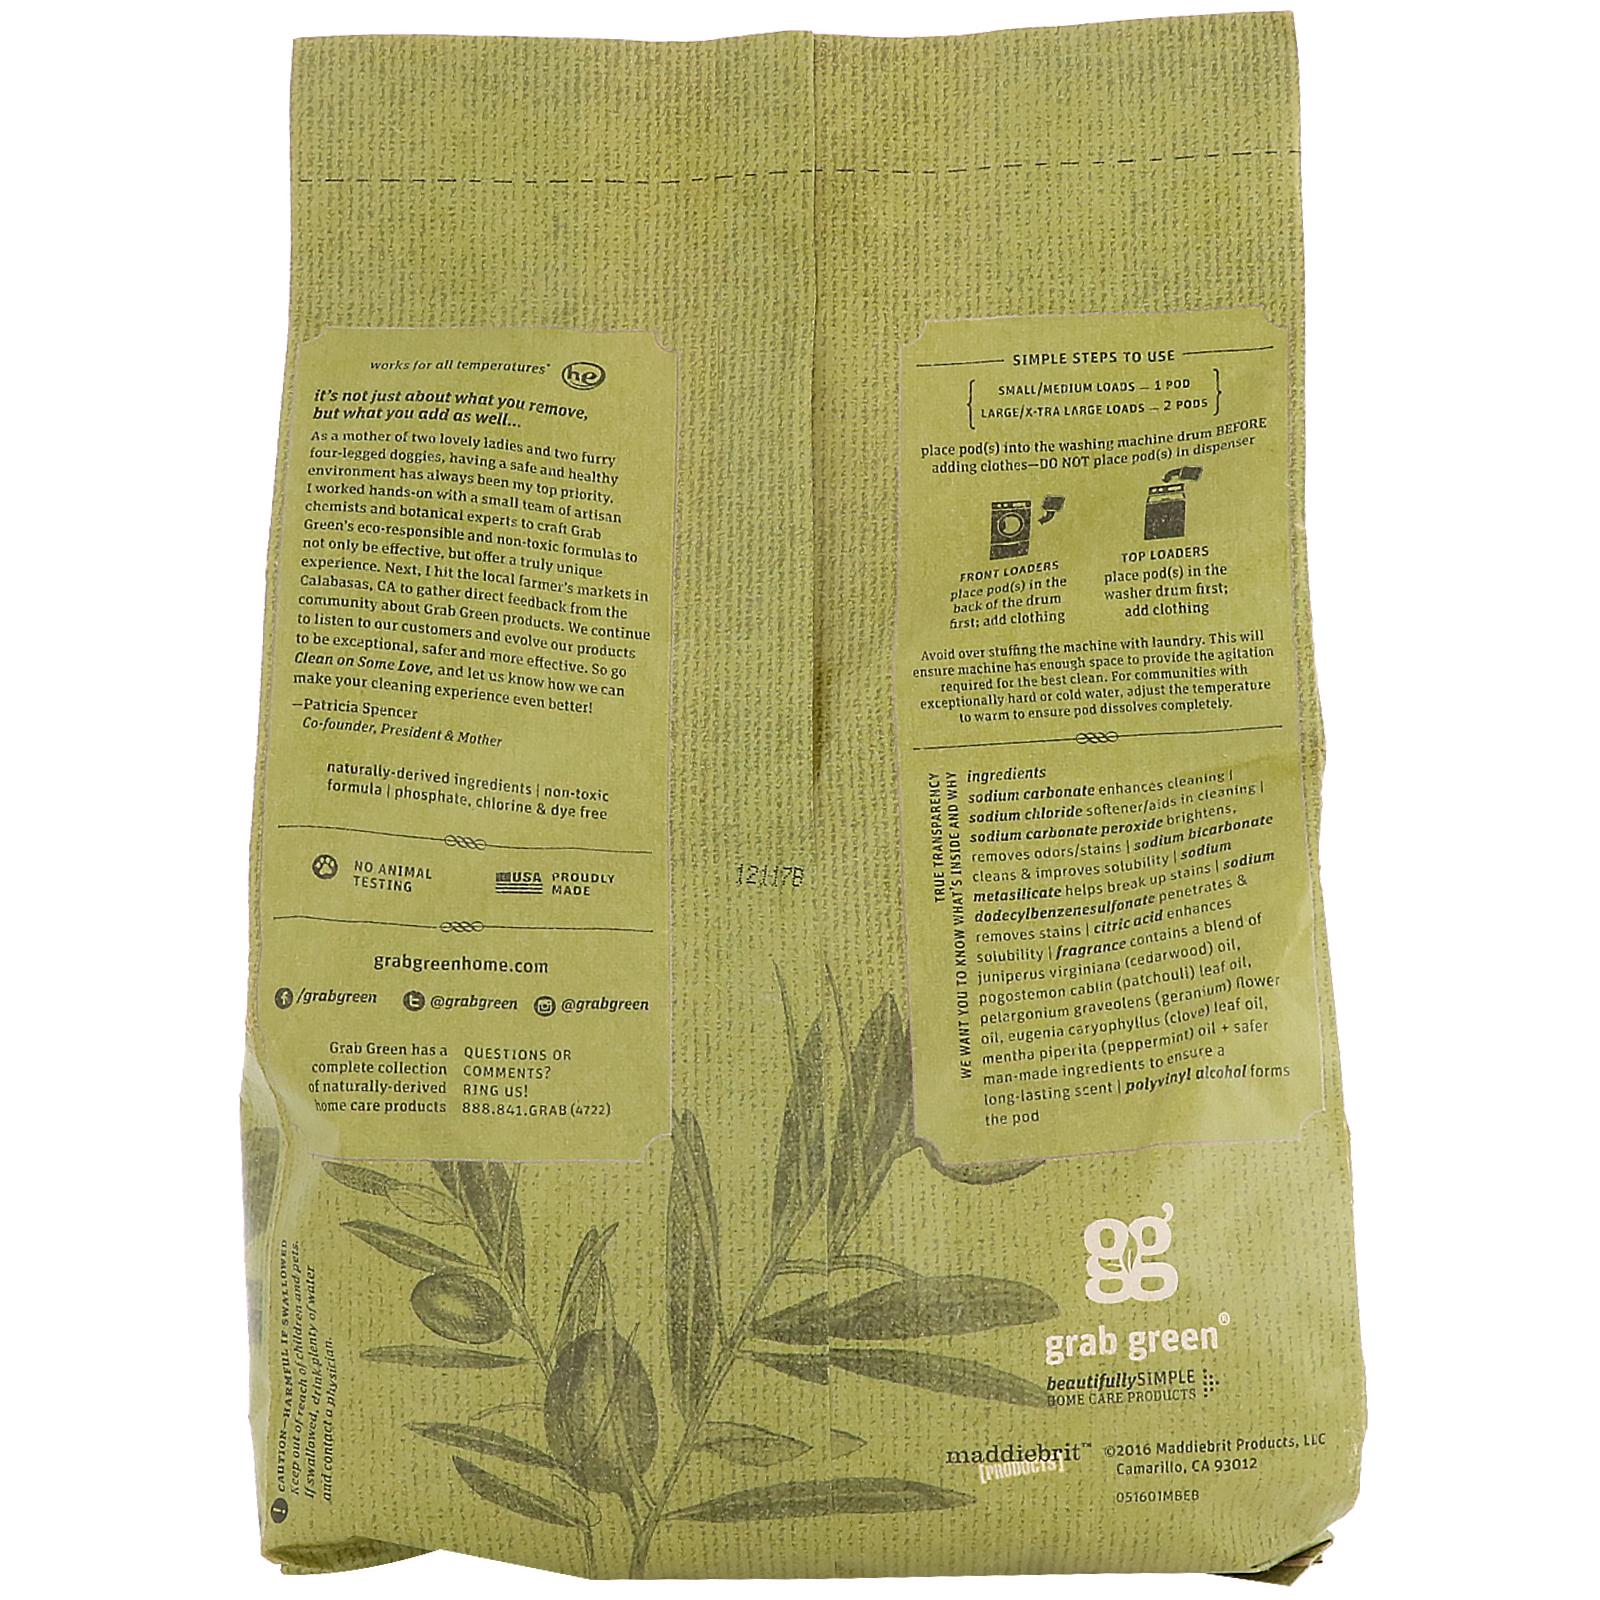 grabgreen stoneworks dosettes de lessive feuille d olivier 50 lessives 750 g 1 65 lb. Black Bedroom Furniture Sets. Home Design Ideas